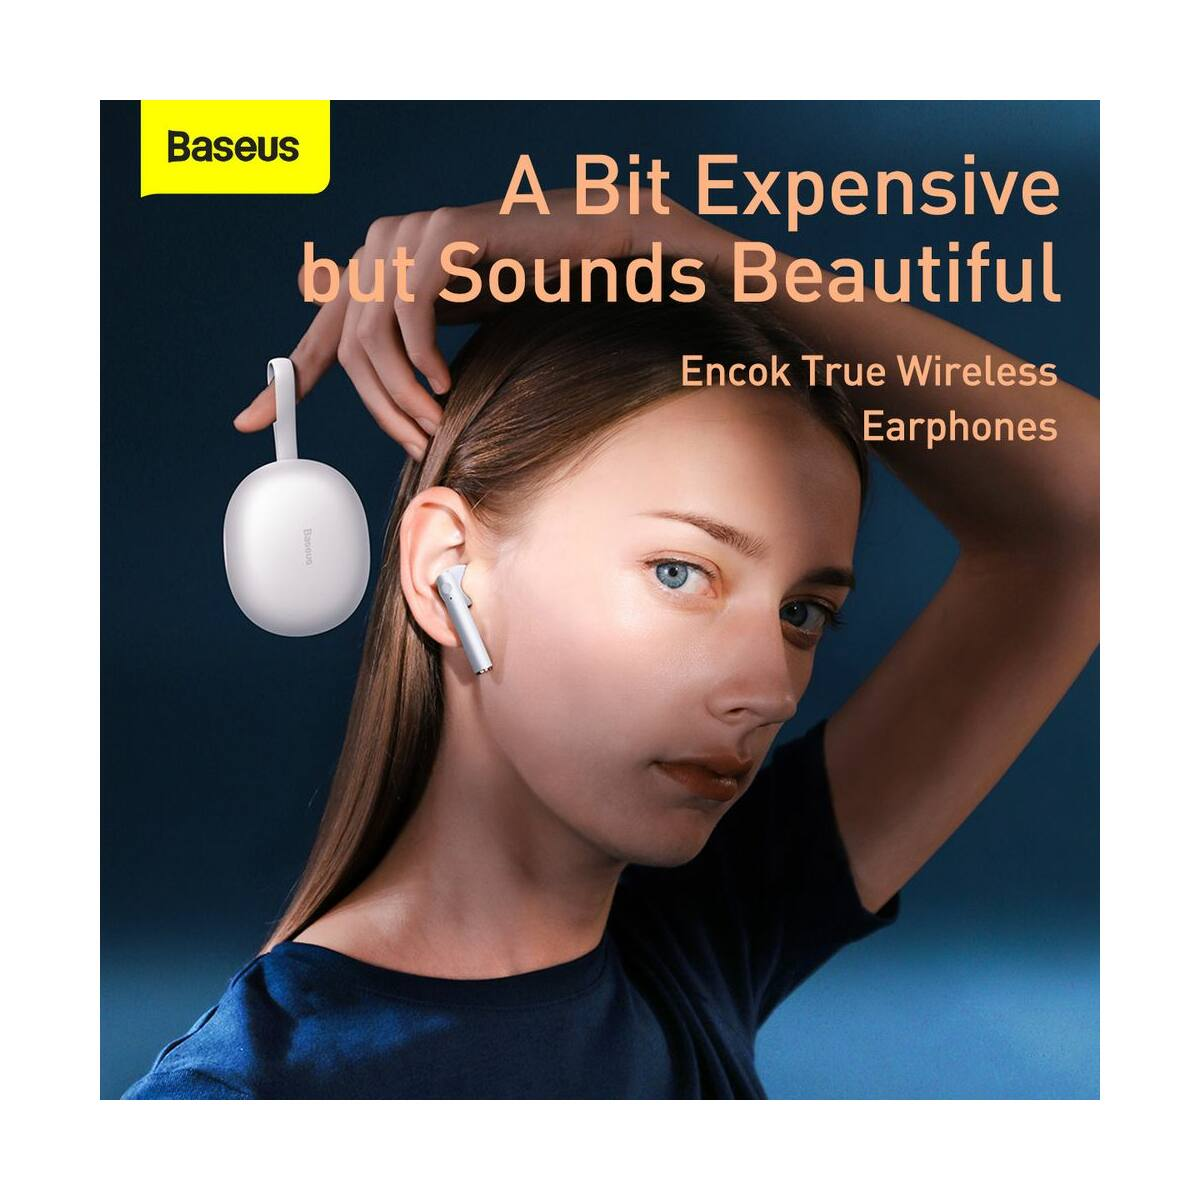 Baseus fülhallgató, Bluetooth Encok W05, True Wireless, vezeték nélküli, BT 5.0 TWS, 400 mAh töltőtokkal, fehér (NGW05-02)